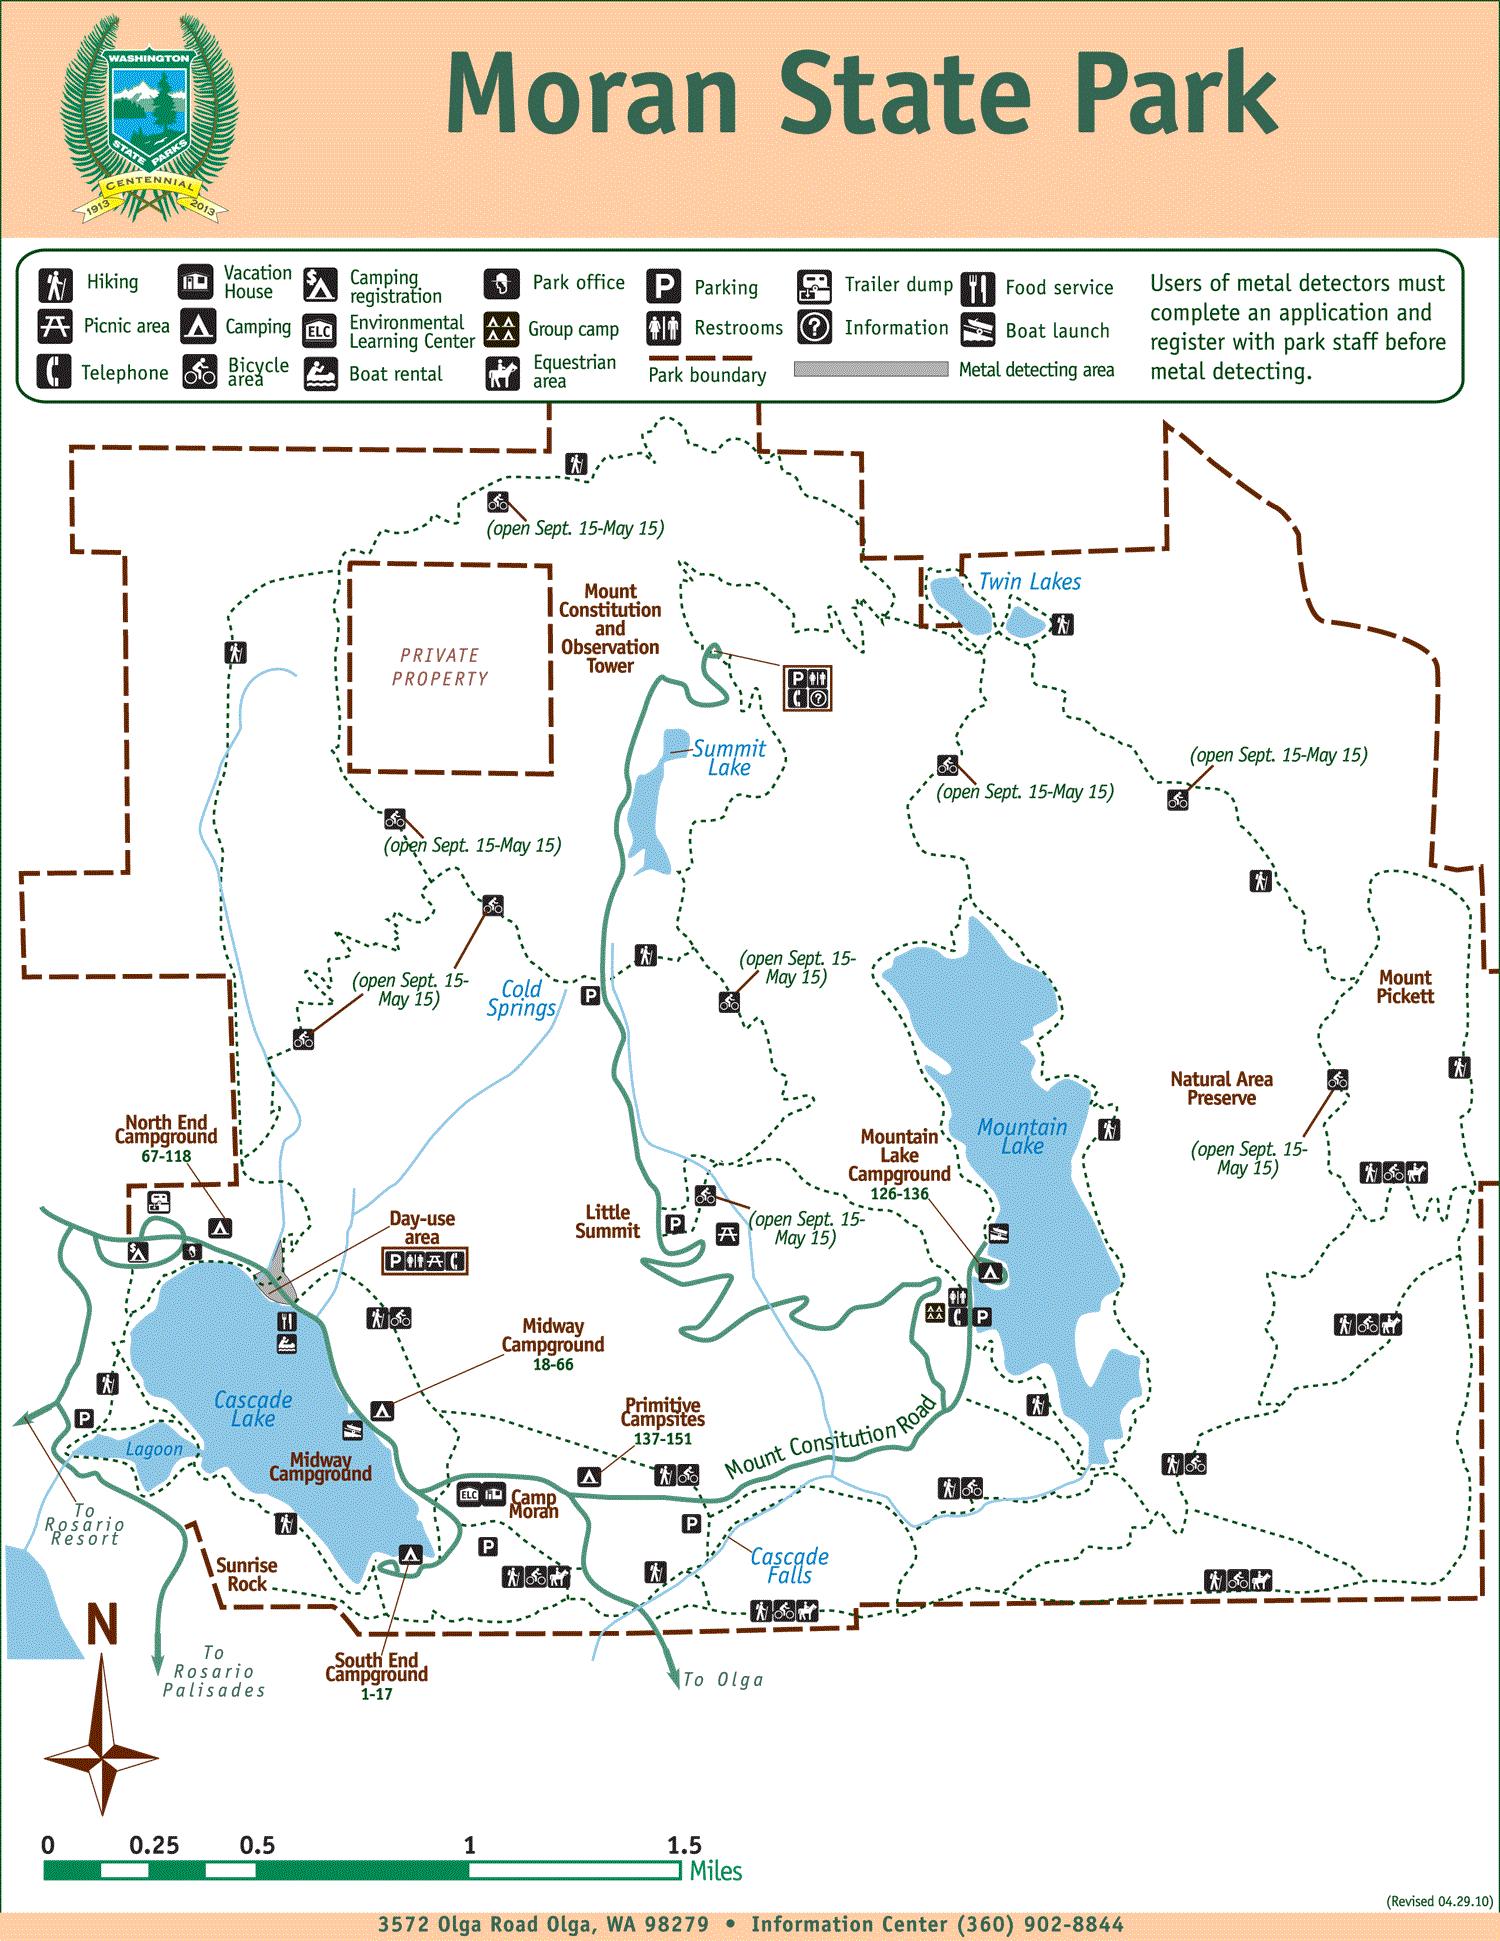 Moran State Park Map